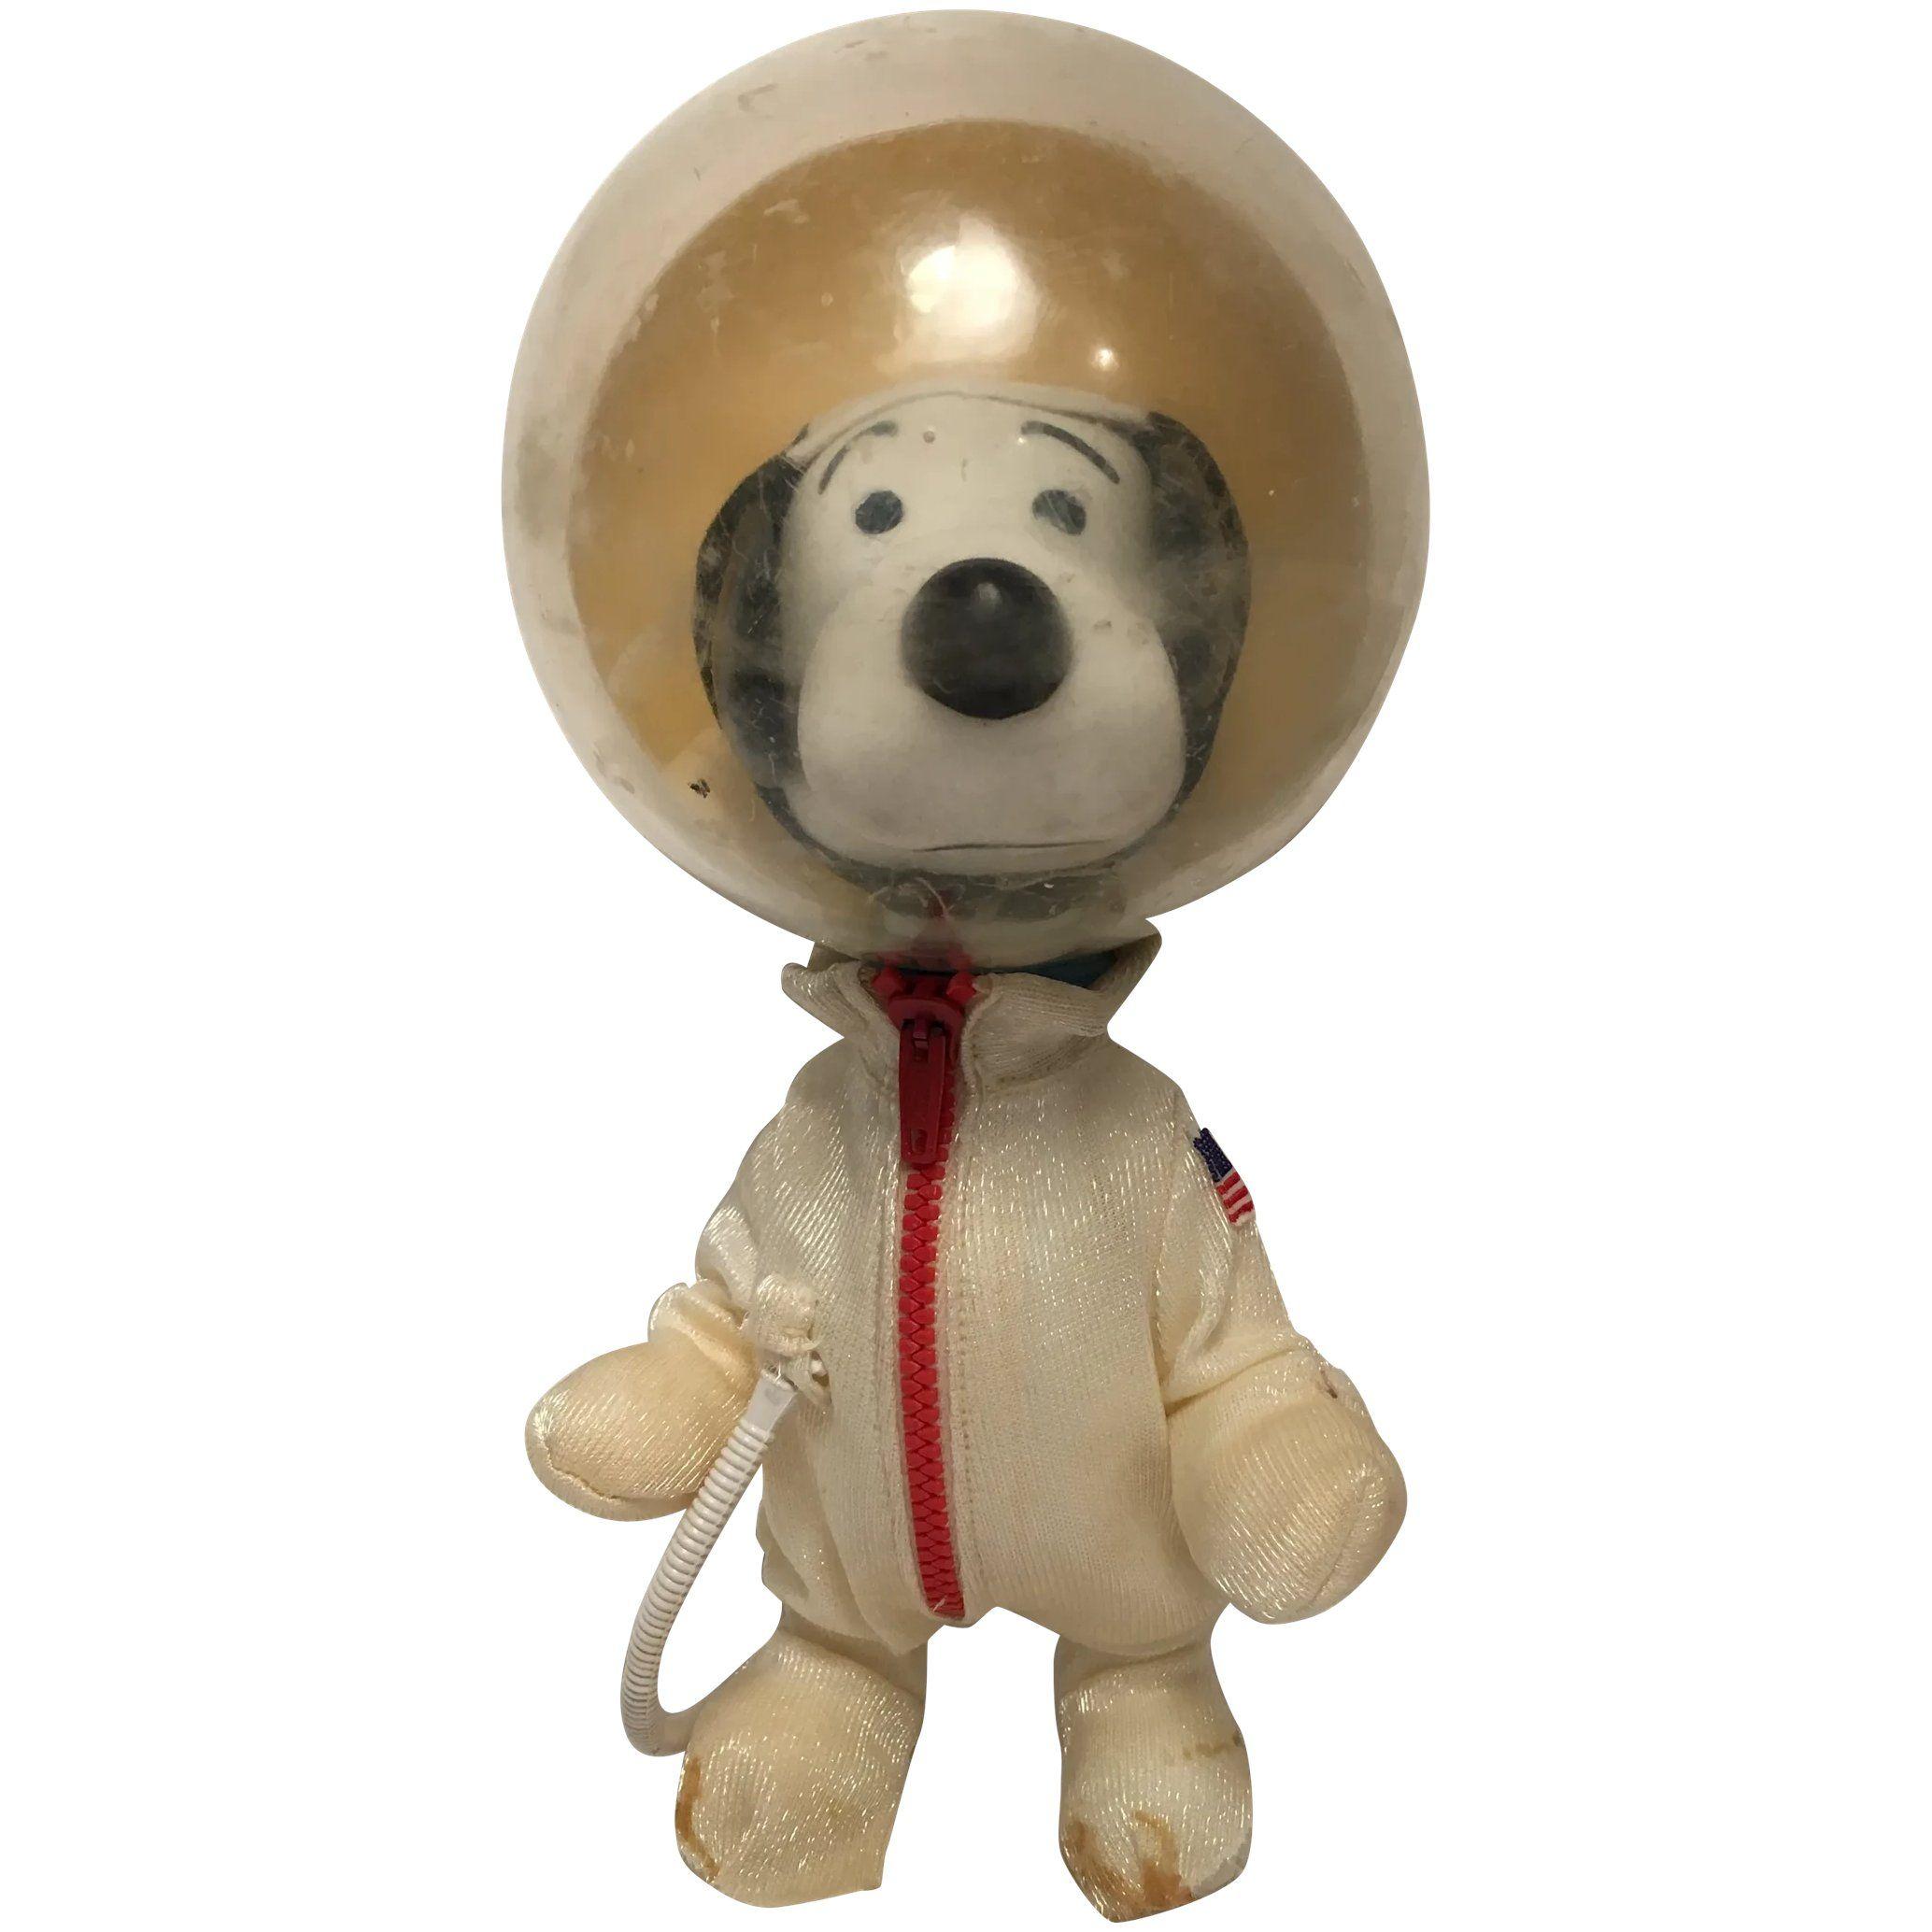 Vintage 1969 Snoopy Astronaut Space Suit Figure Peanuts Interest In 2020 Blue Suitcase Vintage Space Suit